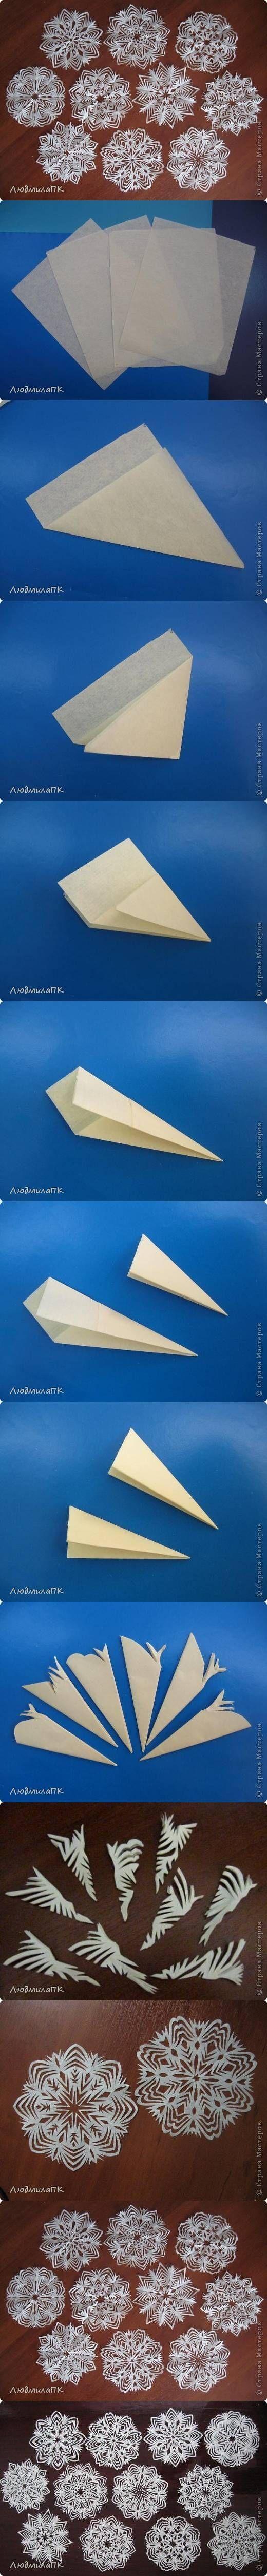 DIY Schneeflocken aus Papier: